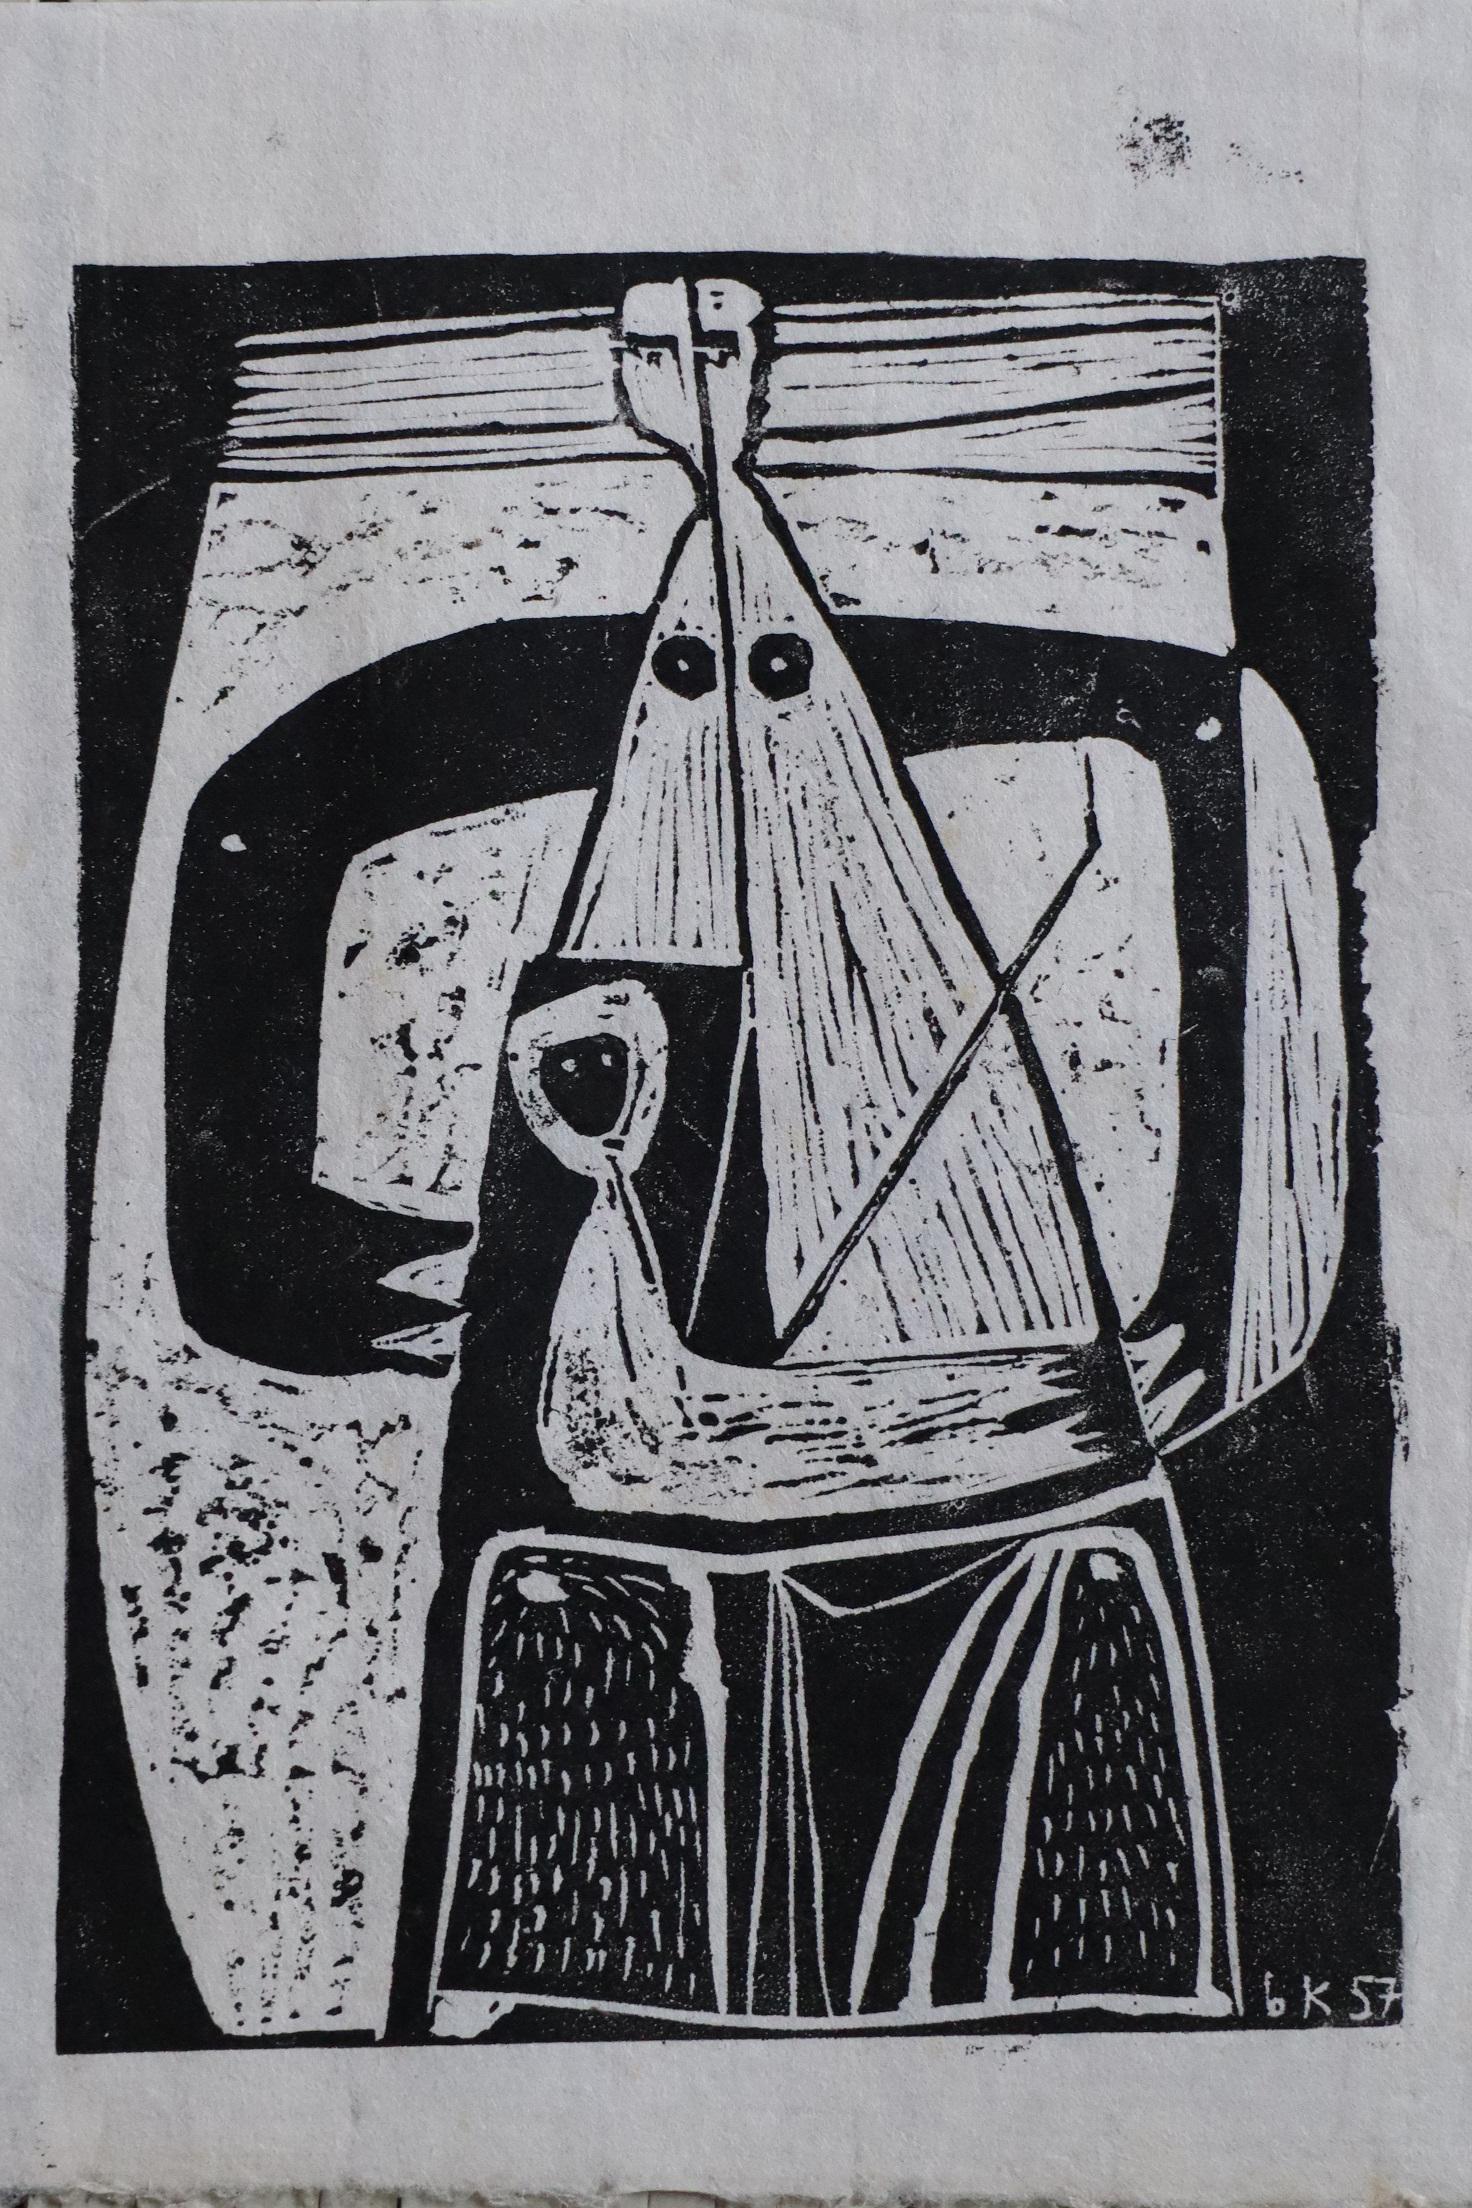 Beate Kuhn - Linolschnitt -1957, Auflage unbekannt